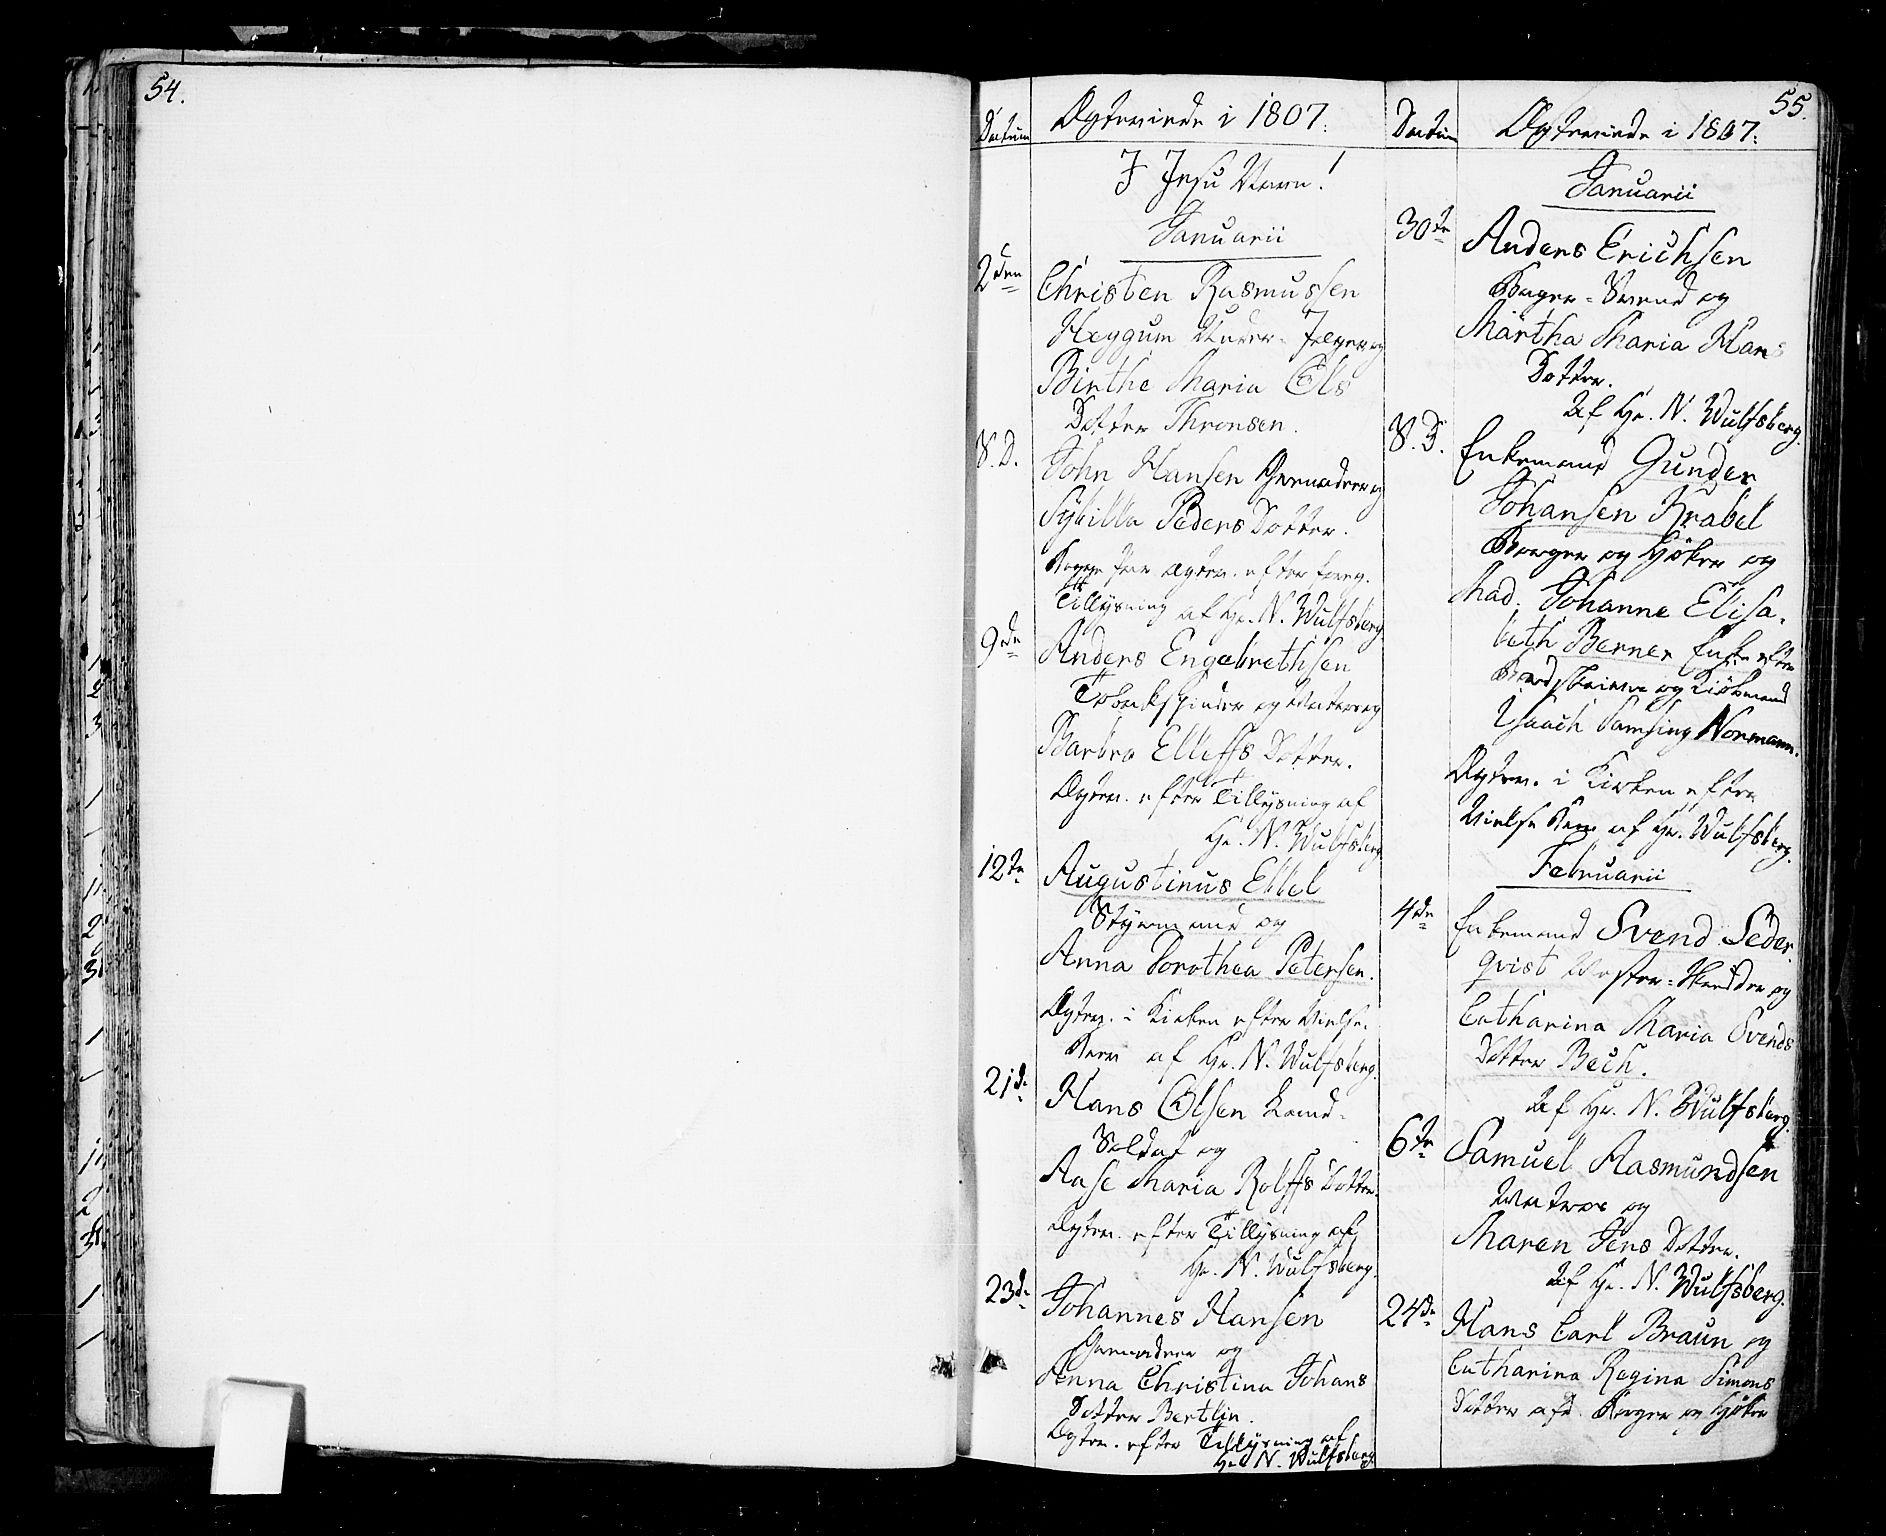 SAO, Oslo domkirke Kirkebøker, F/Fa/L0006: Ministerialbok nr. 6, 1807-1817, s. 54-55